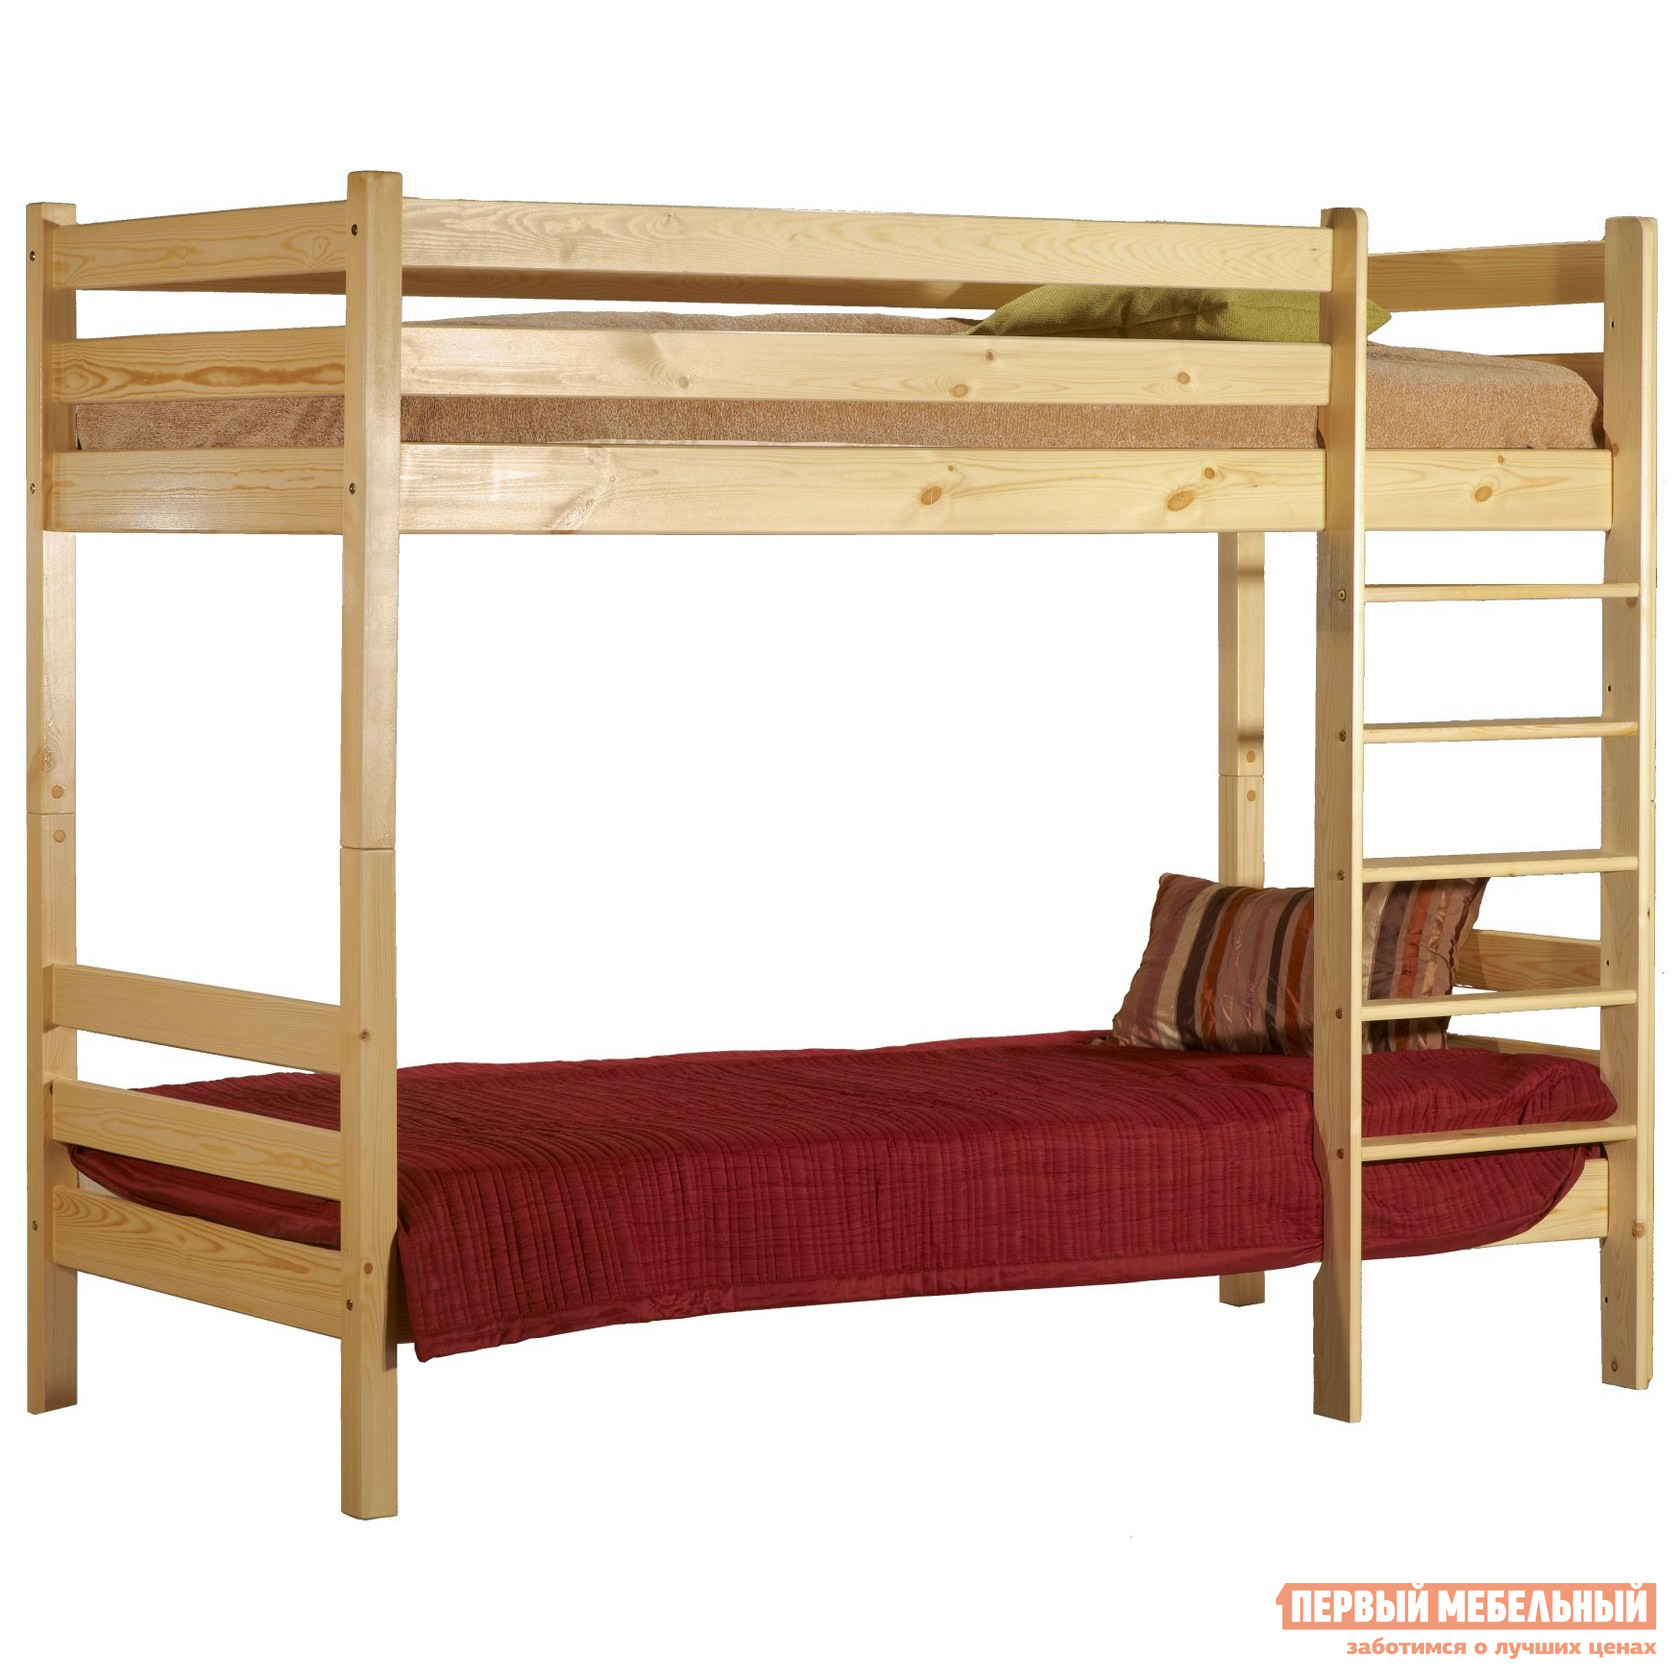 Кровать Timberica Кровать 2-ярусная Классик Спальное место 800 Х 2000 мм, Бесцветный лак, Без матрасов